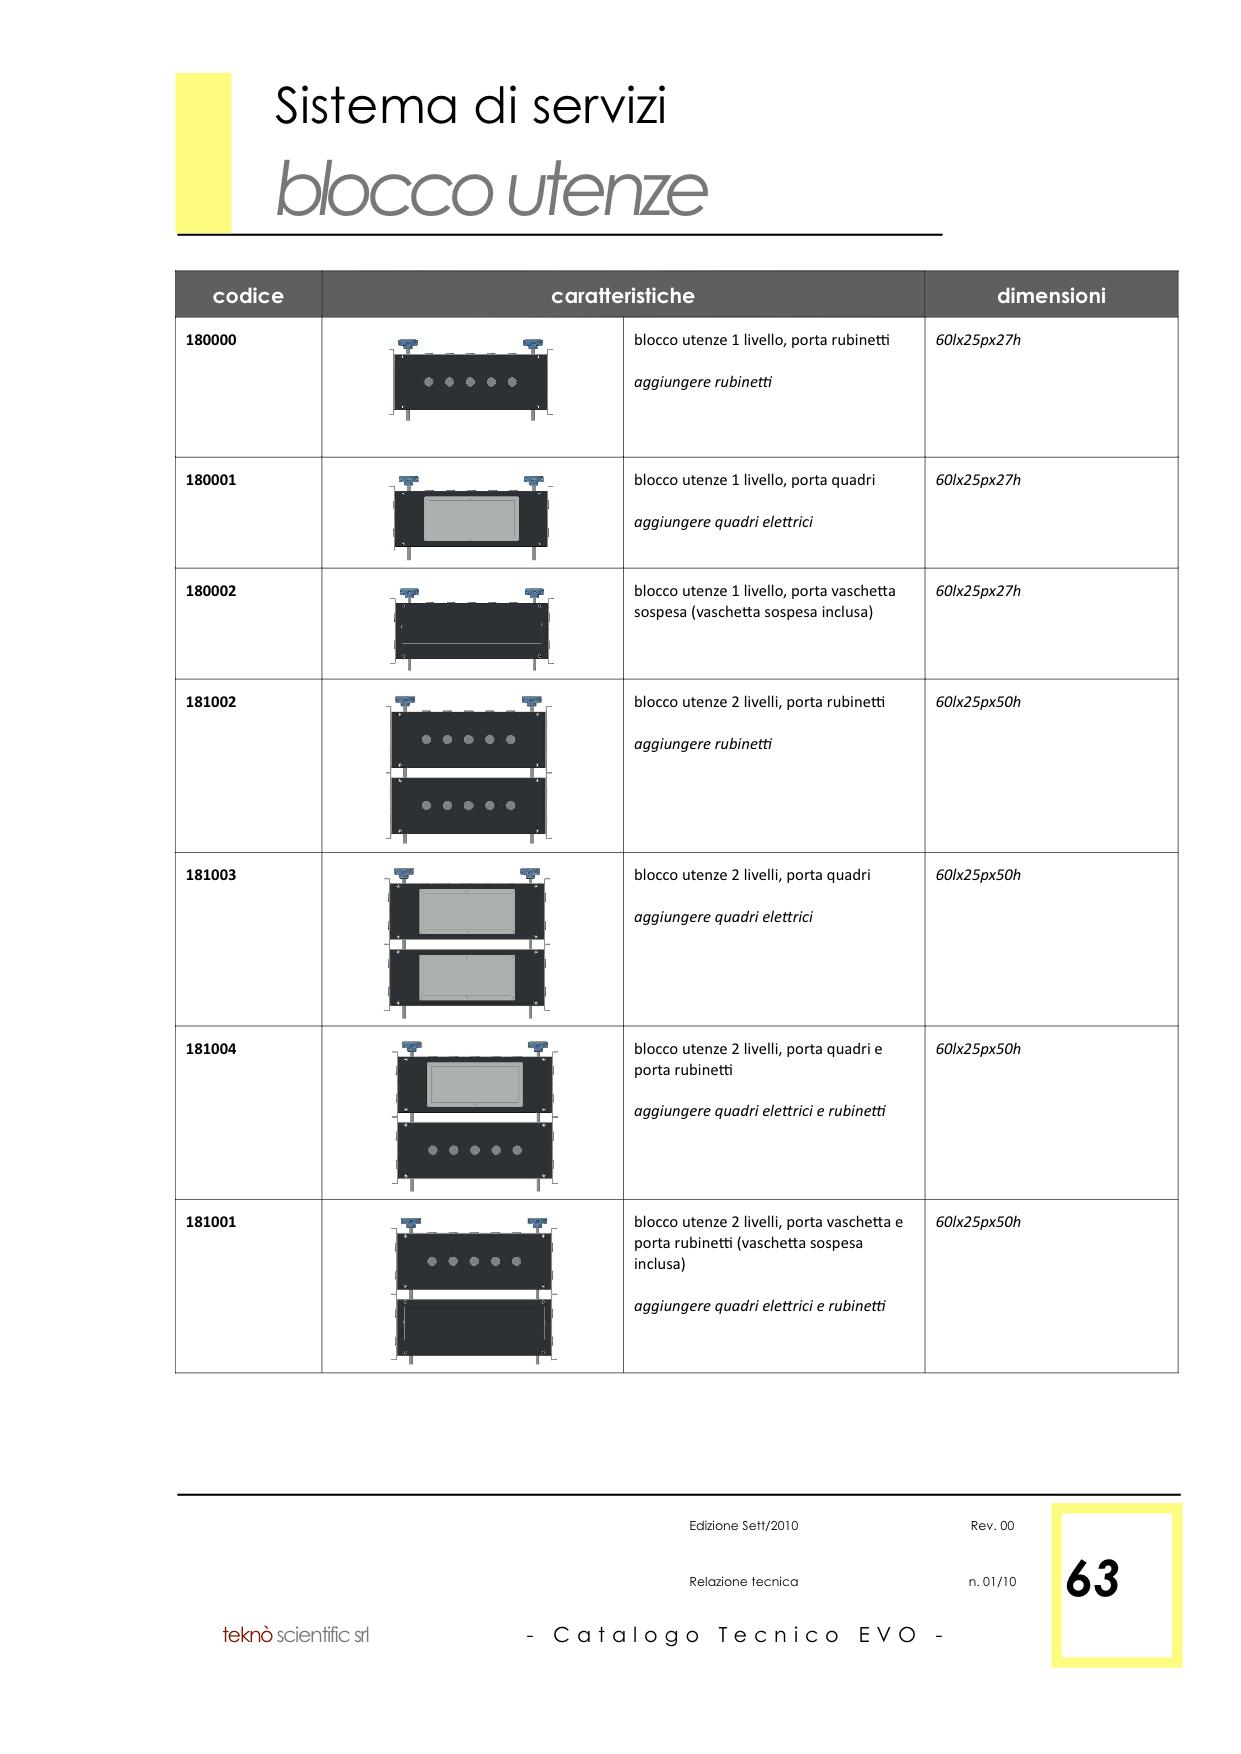 EVO Catalogo Tecnico Generale copia 63.png